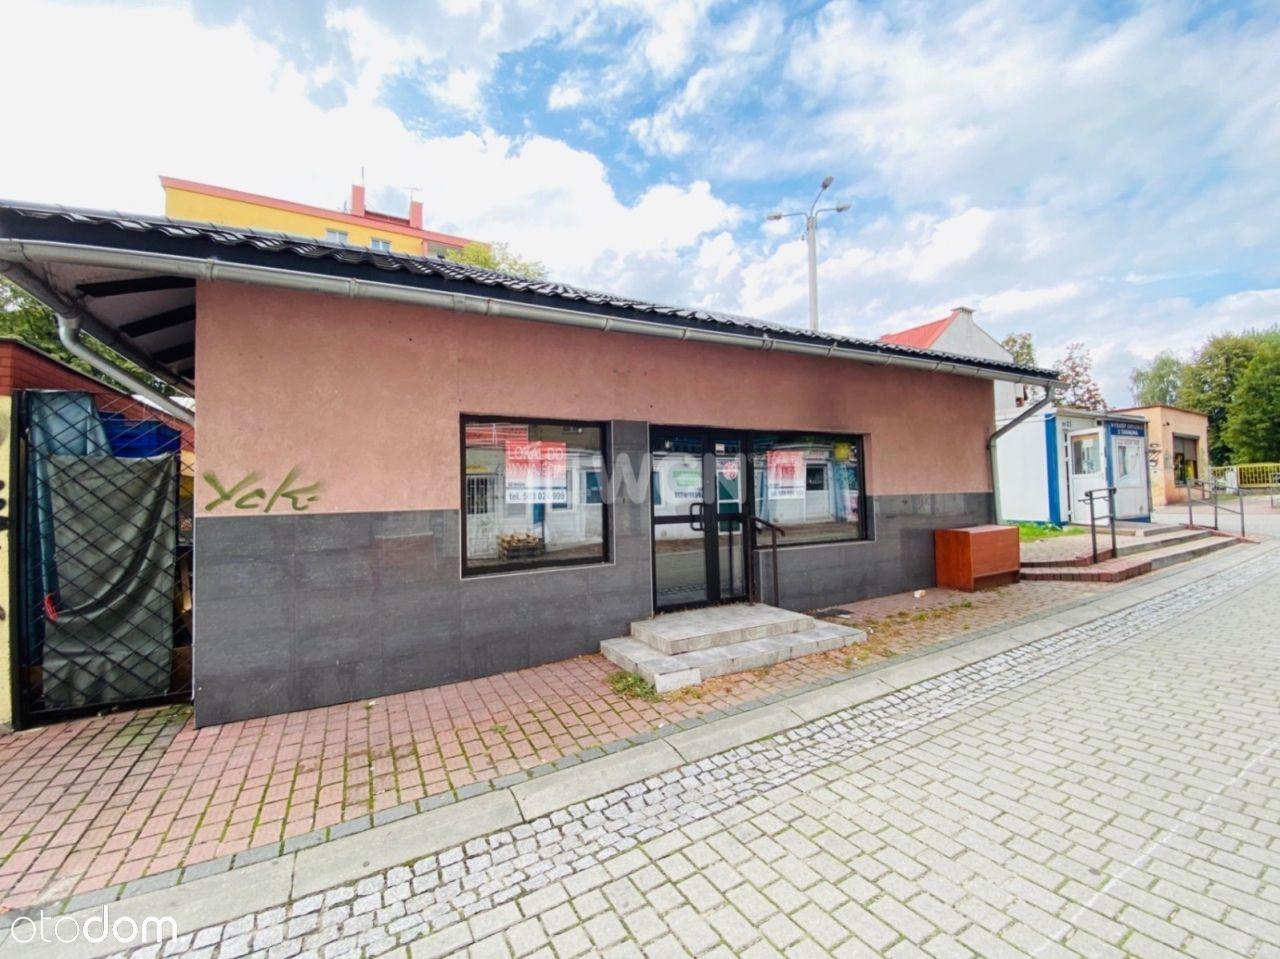 Lokal użytkowy, 50 m², Jaworzno